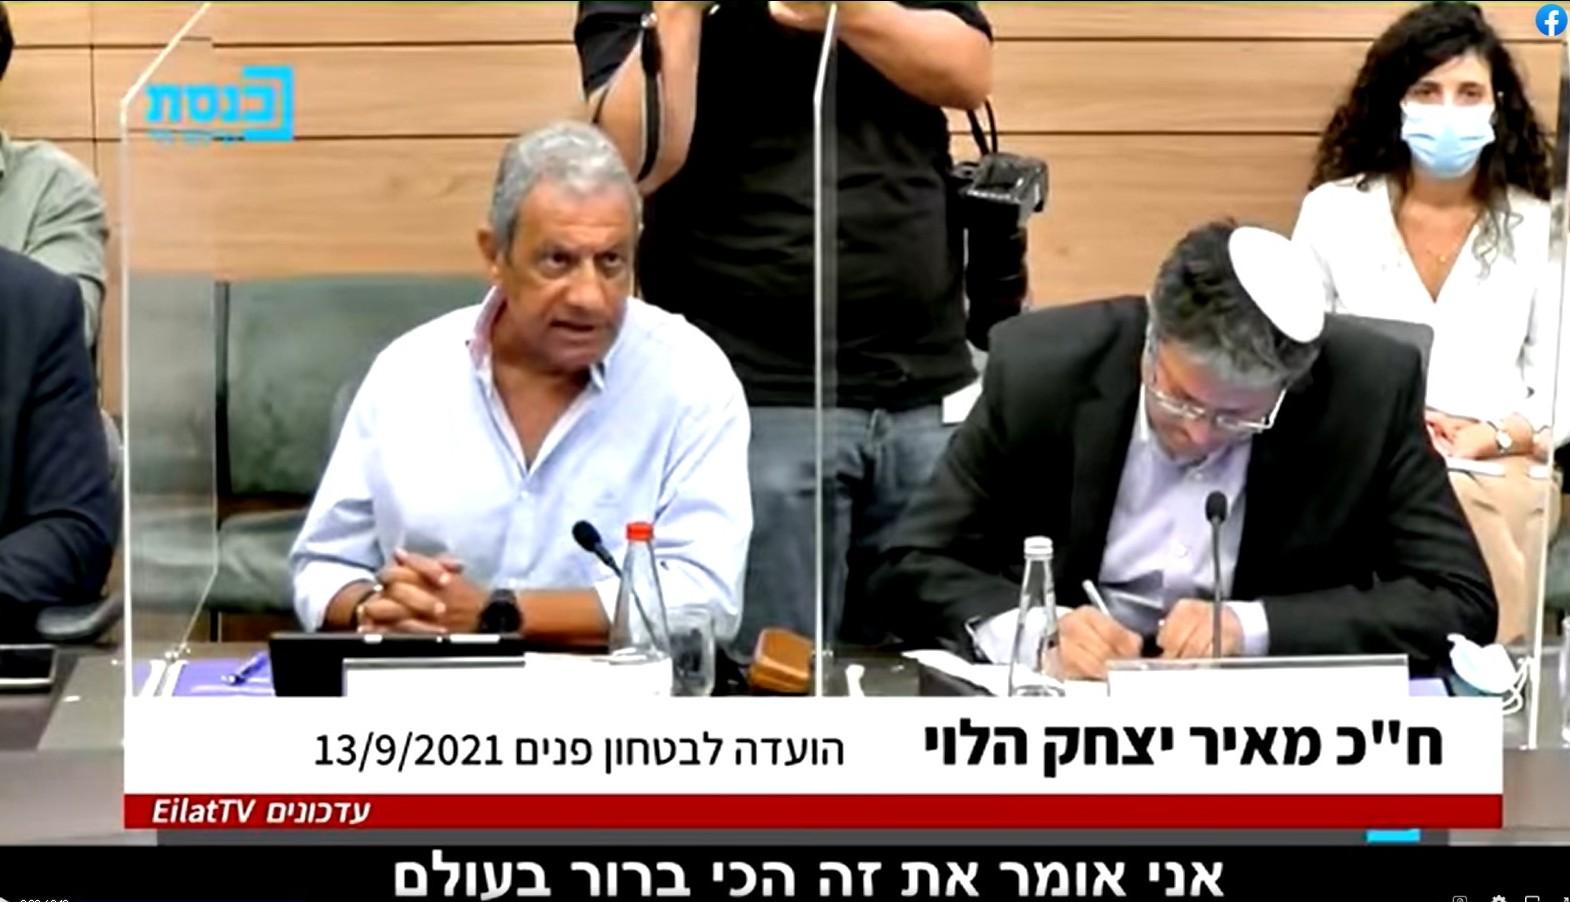 ח''כ מאיר יצחק הלוי שולח רמז לחוקרי לה''ב 433: ''יש כניסה מאוד ברורה של גורמים עברייניים שמנסים להשתלט על השלטון המקומי ויש לי פרטים''